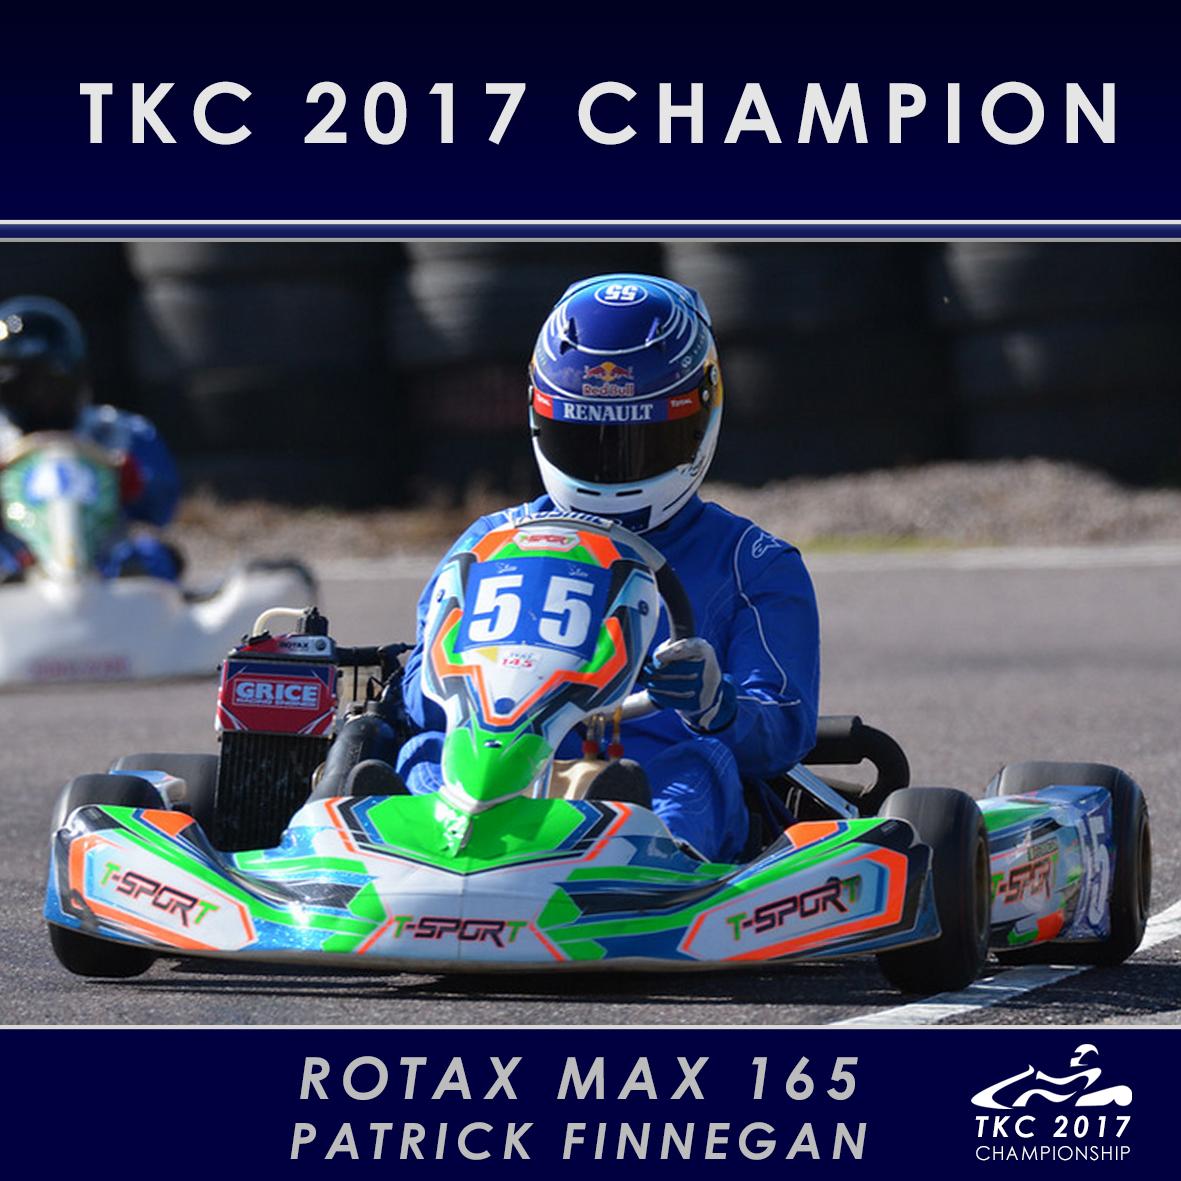 Rotax 165 - Patrick Finnegan